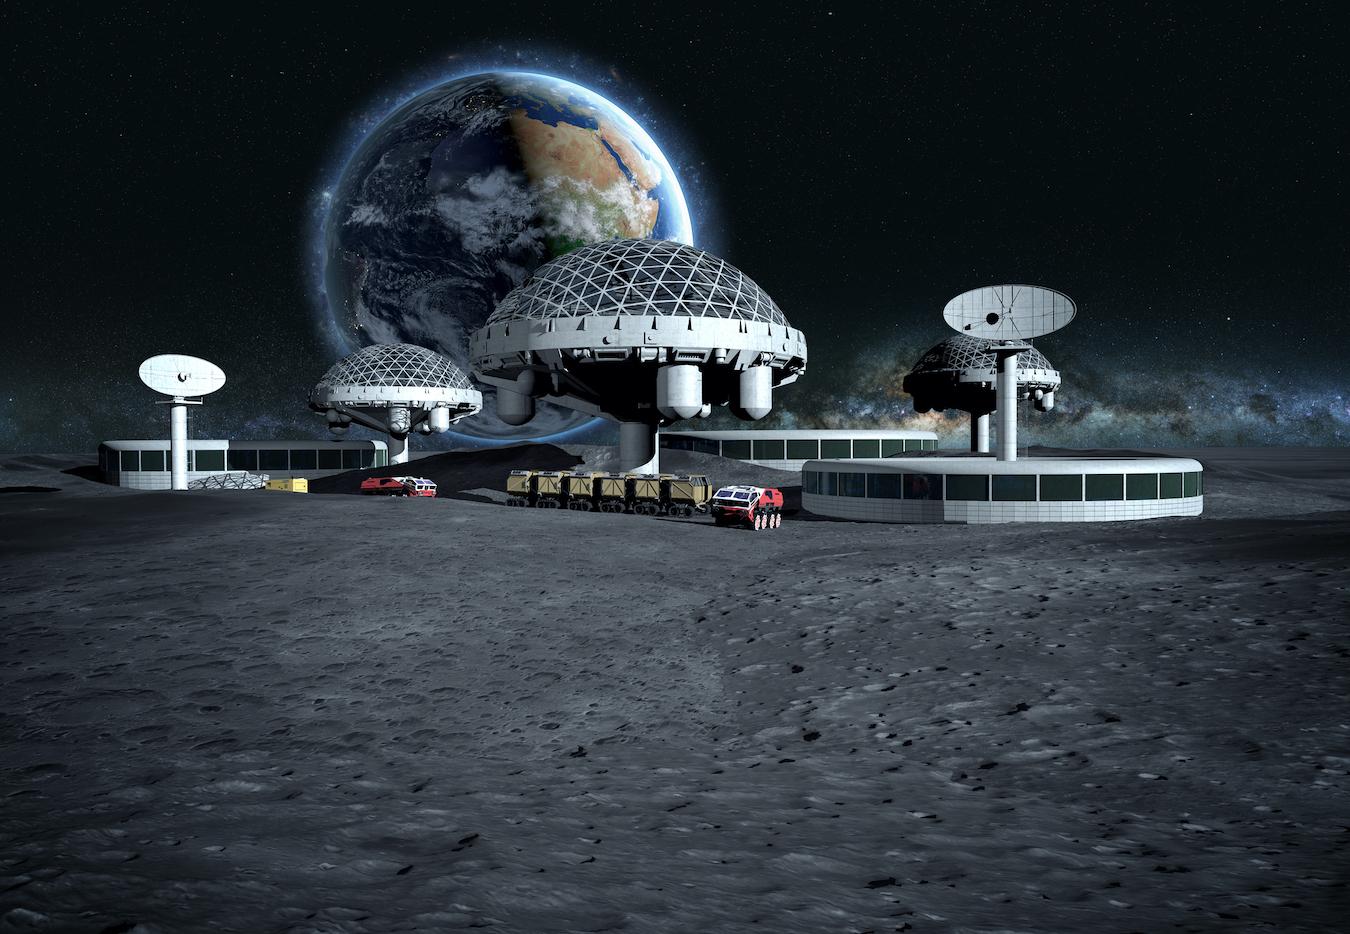 より遠くの星も探索できるように